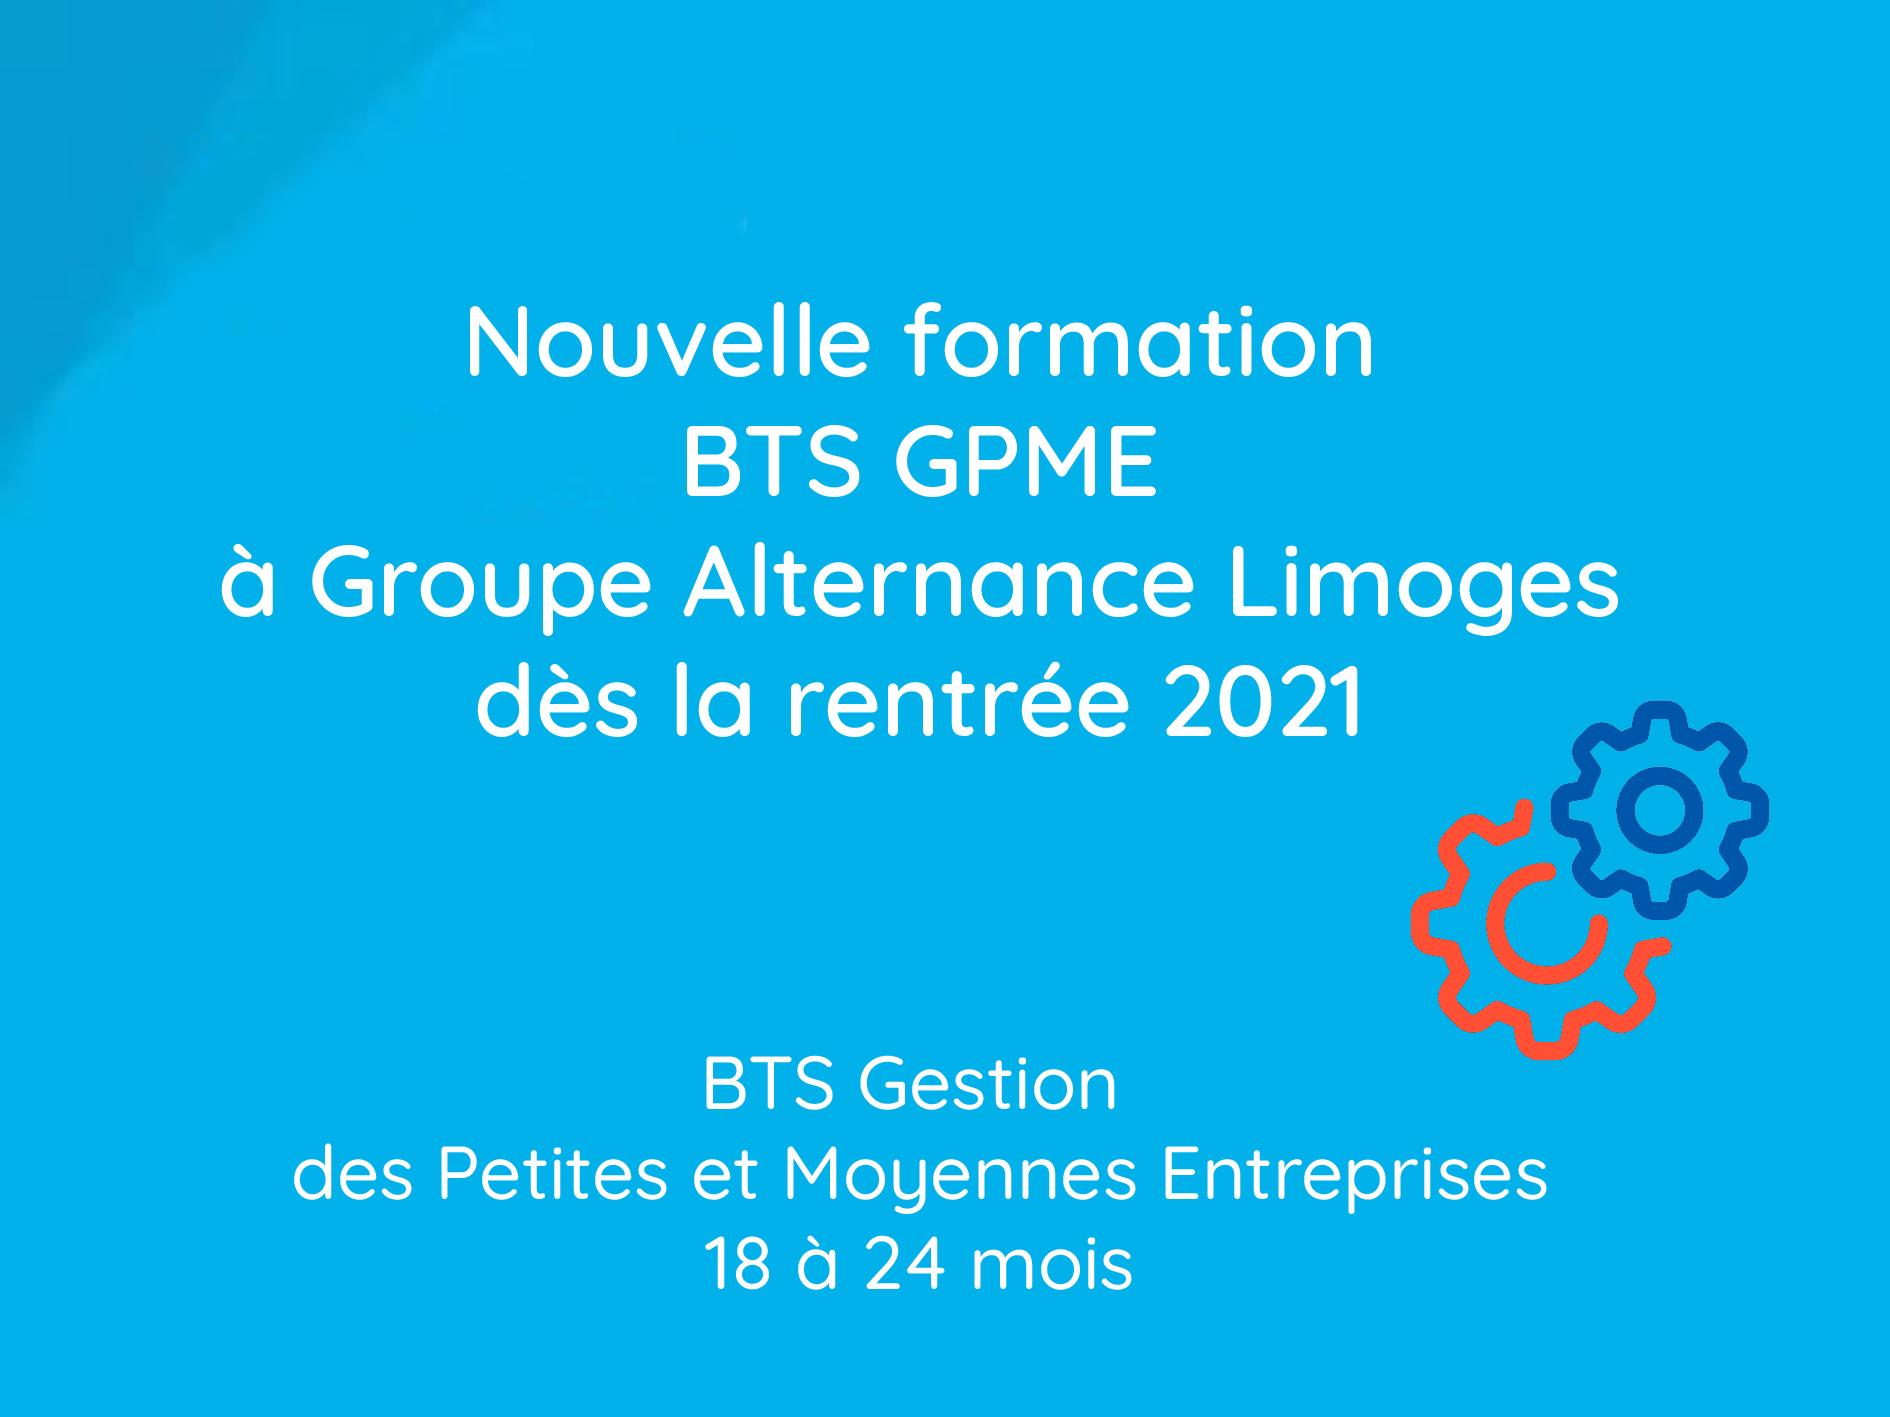 Groupe alternance Limoges formation BTS GPME rentrée 2021